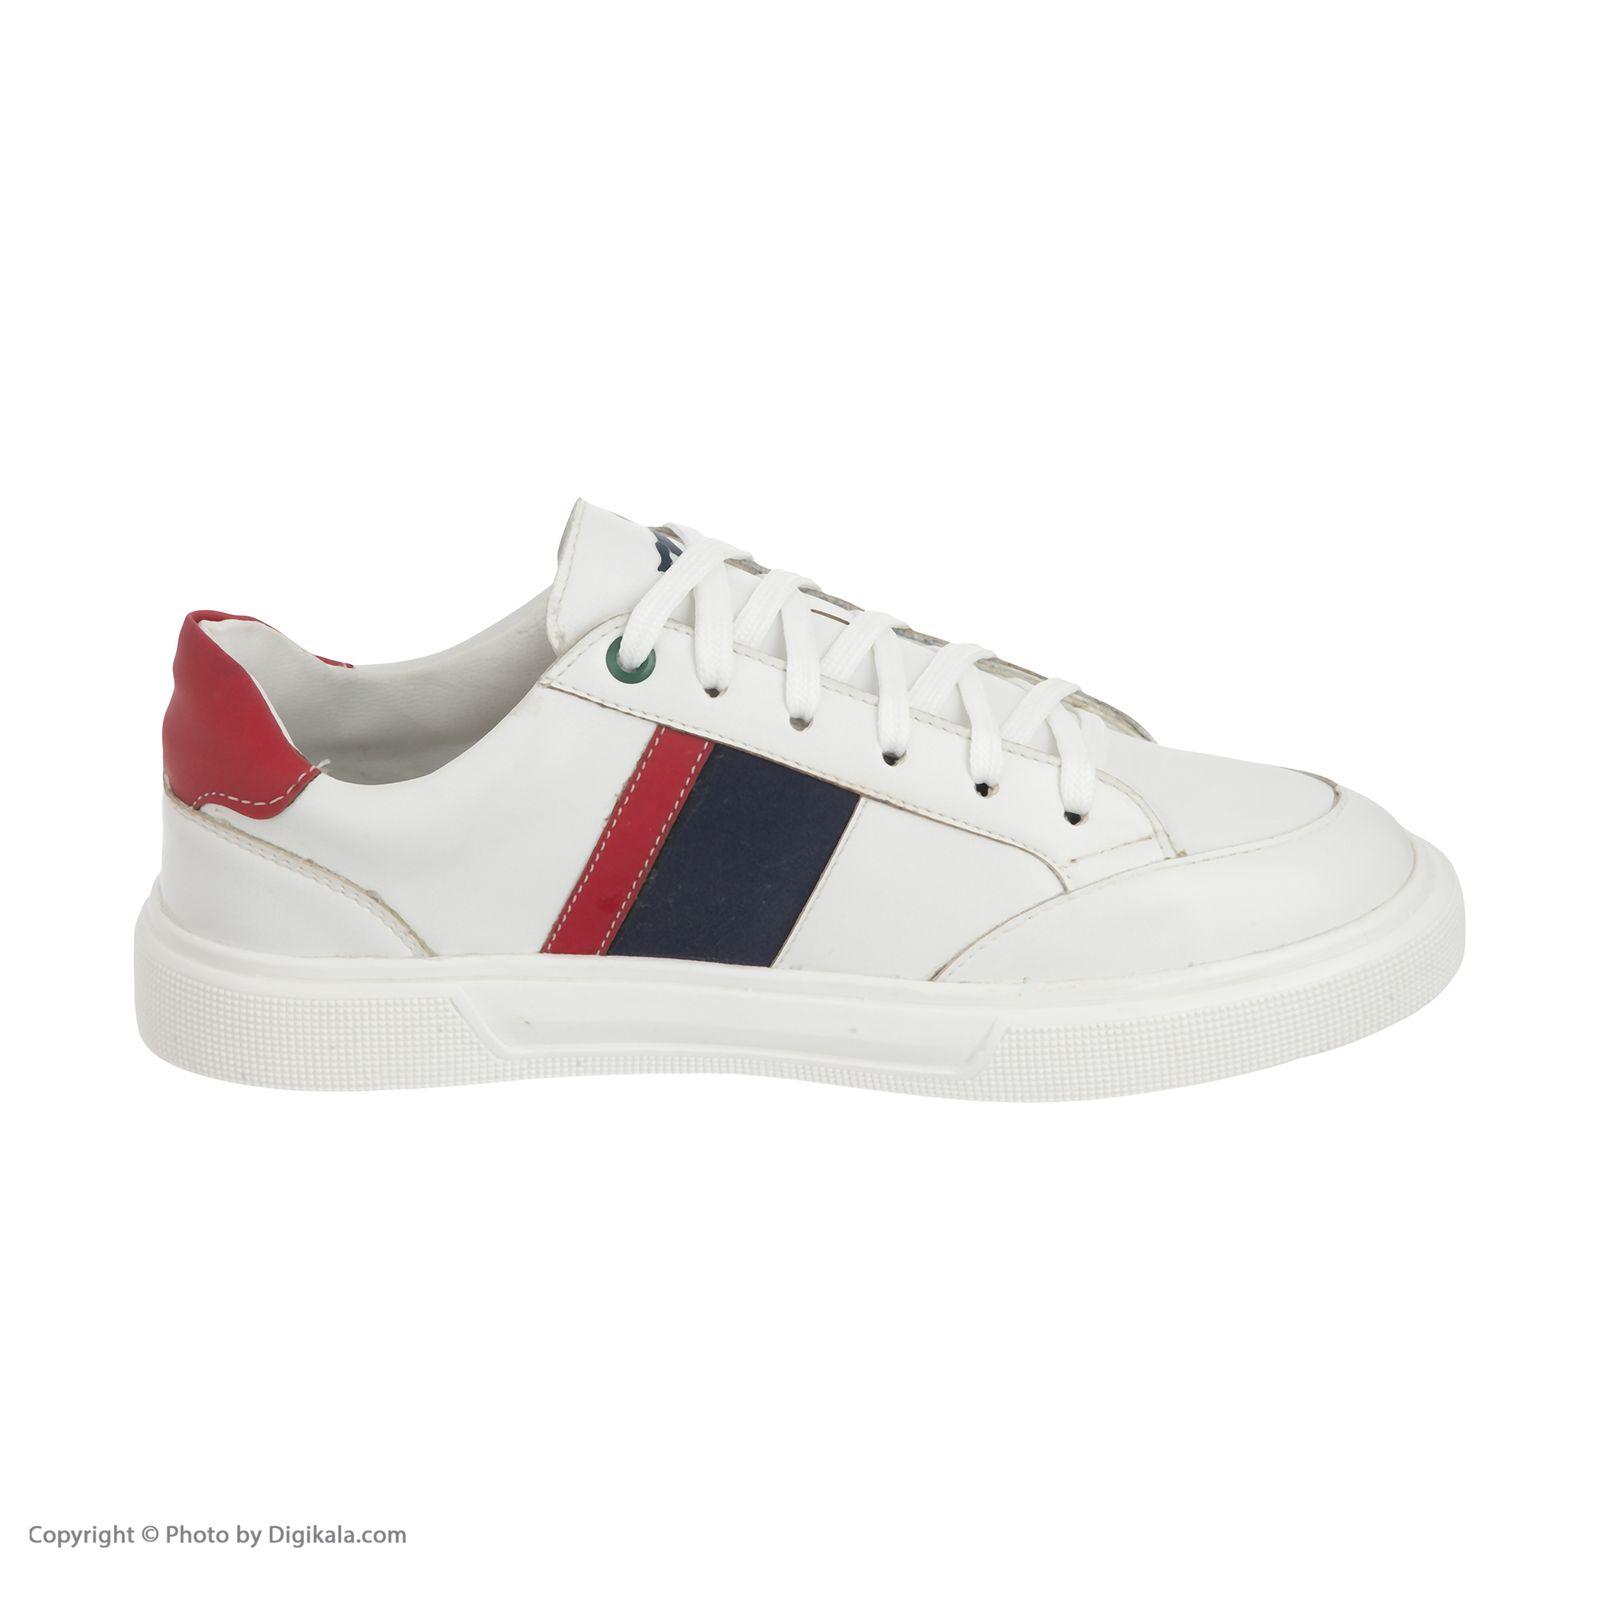 کفش راحتی مردانه آر اِن اِس مدل 113003-01 main 1 3